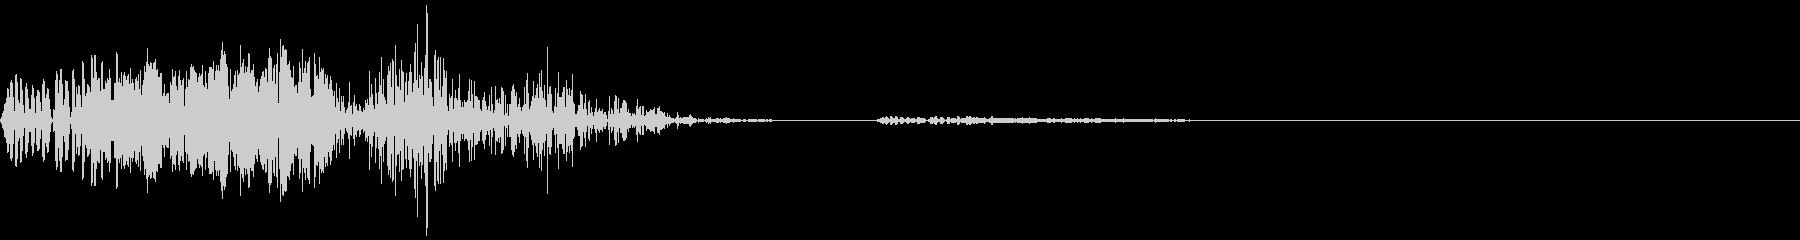 シューティングゲームのショット音の未再生の波形